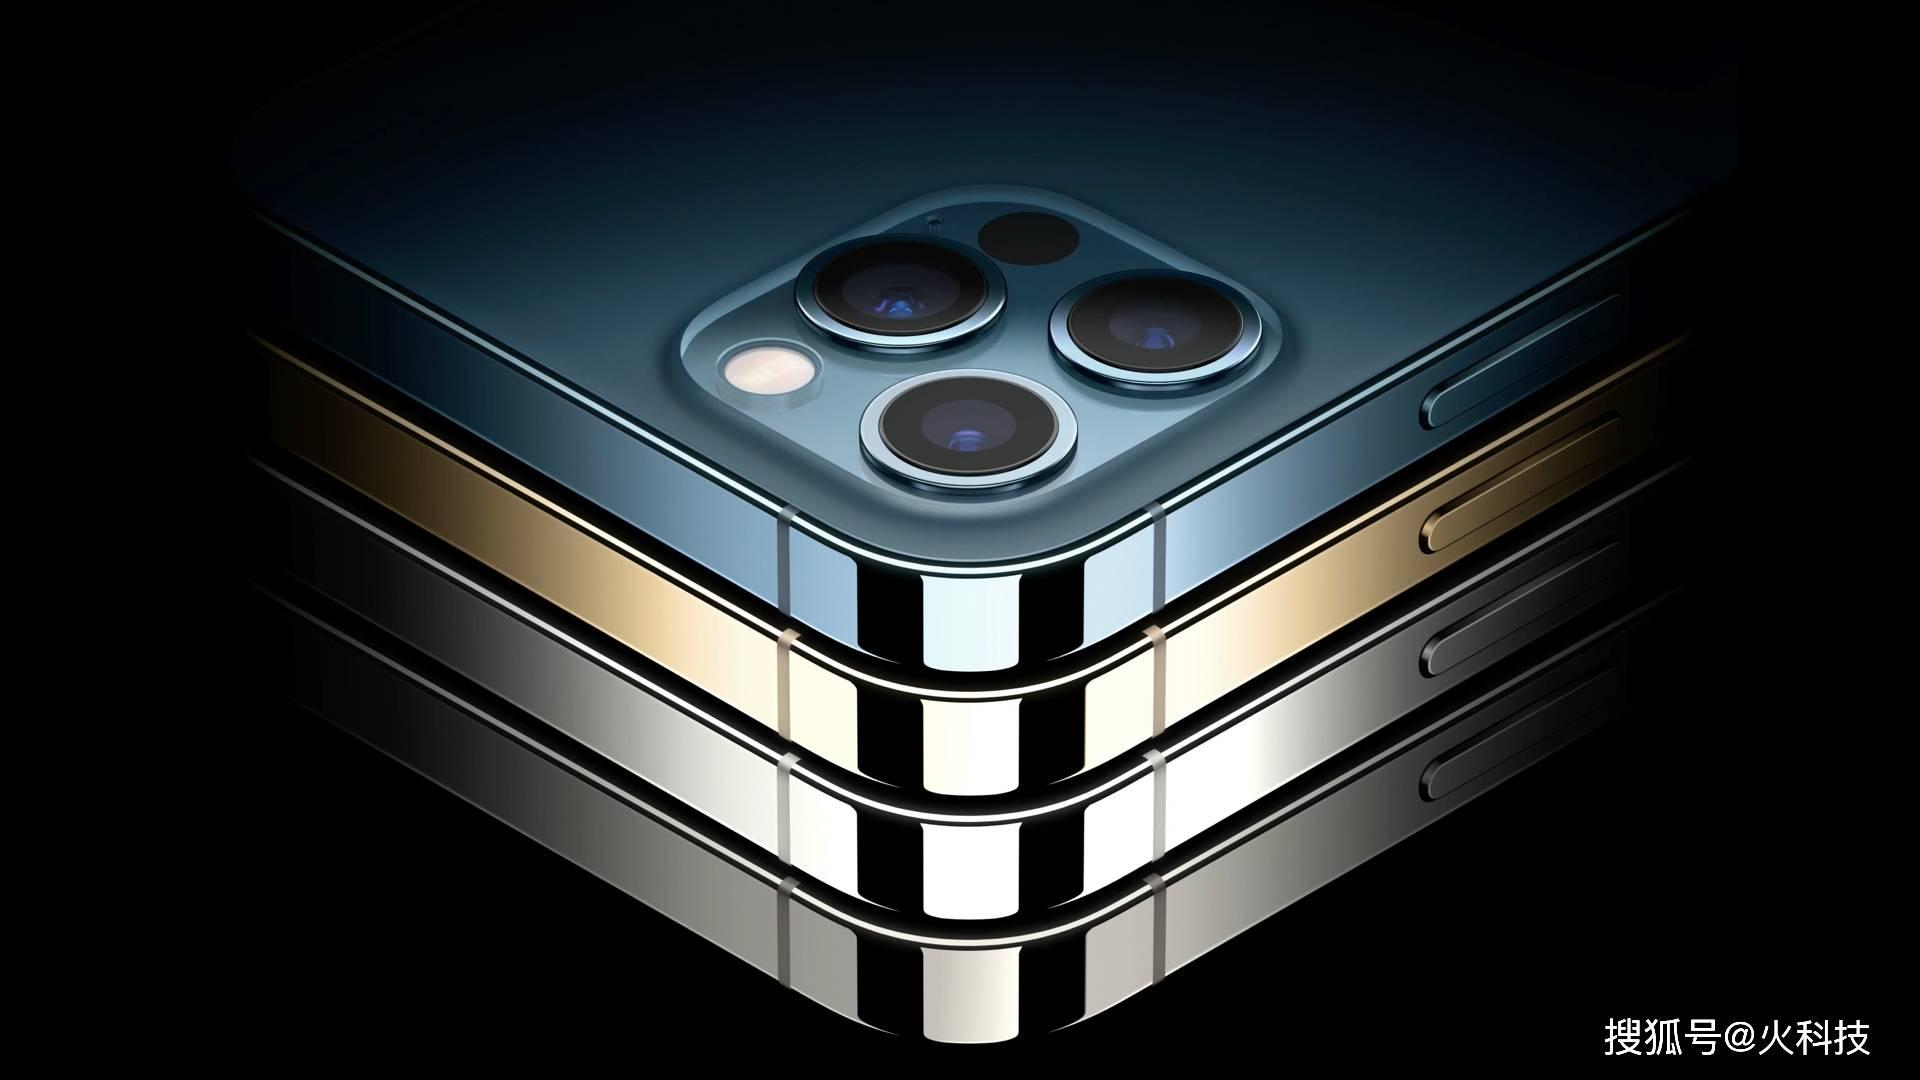 年底快到了买手机就买真正的高端旗舰手机,值得选的3款高端手机